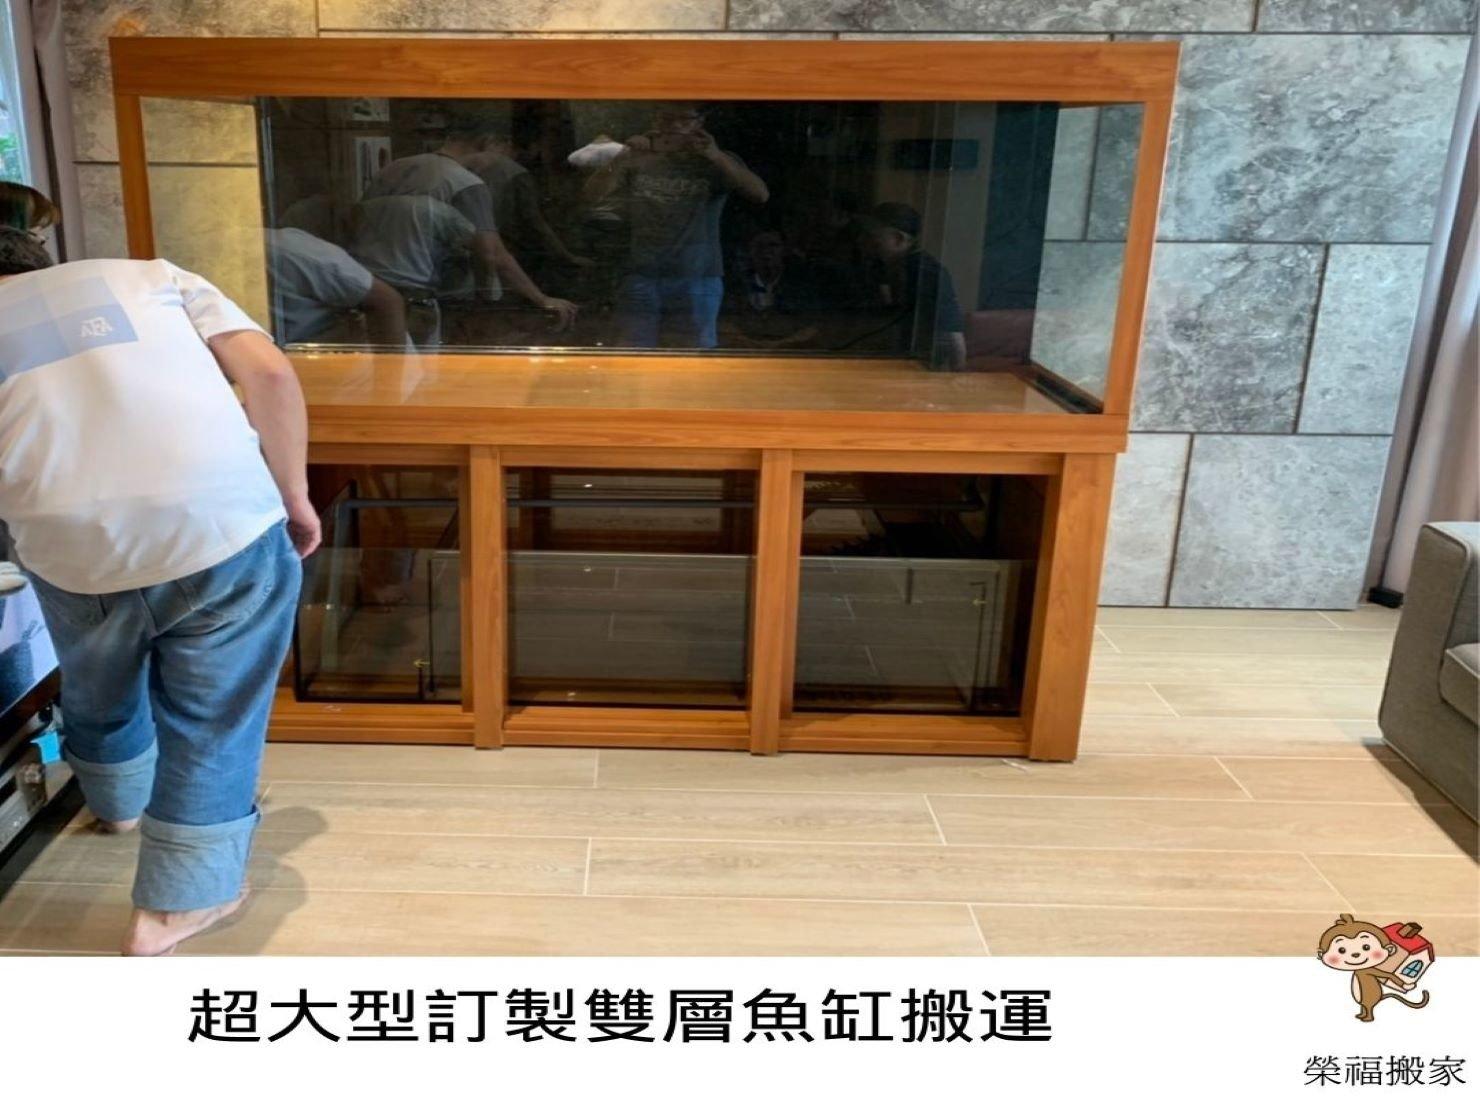 【重物搬運實錄】搬家公司有專搬魚缸嗎?電梯無法搬進雙層大型魚缸,需走14層樓梯搬魚缸,看榮福專業搬運魚缸